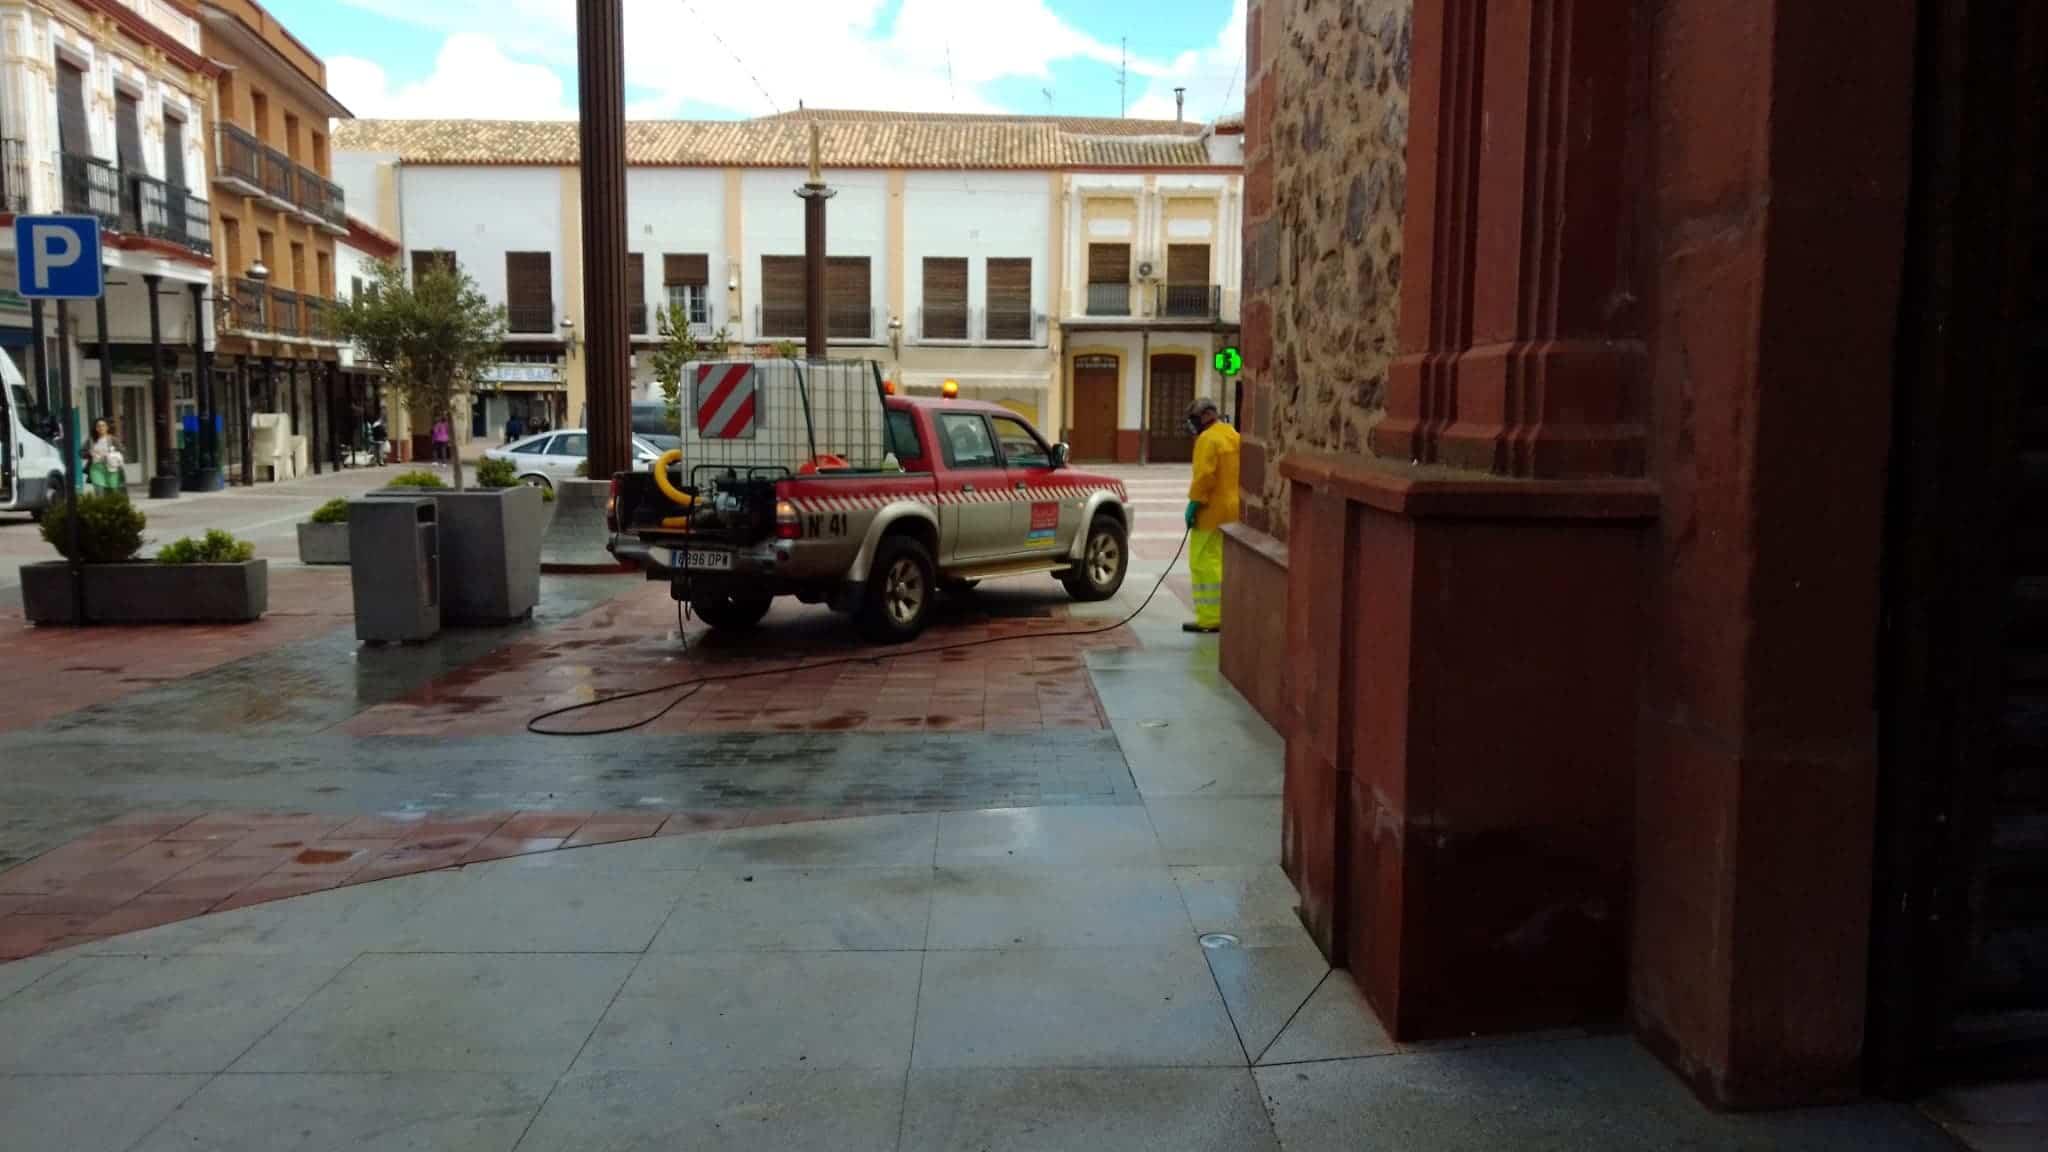 desinfeccion coronavirus herencia plaza espana 2 - Continuan las labores de desinfección en la Plaza de España, Convento y Cervantes